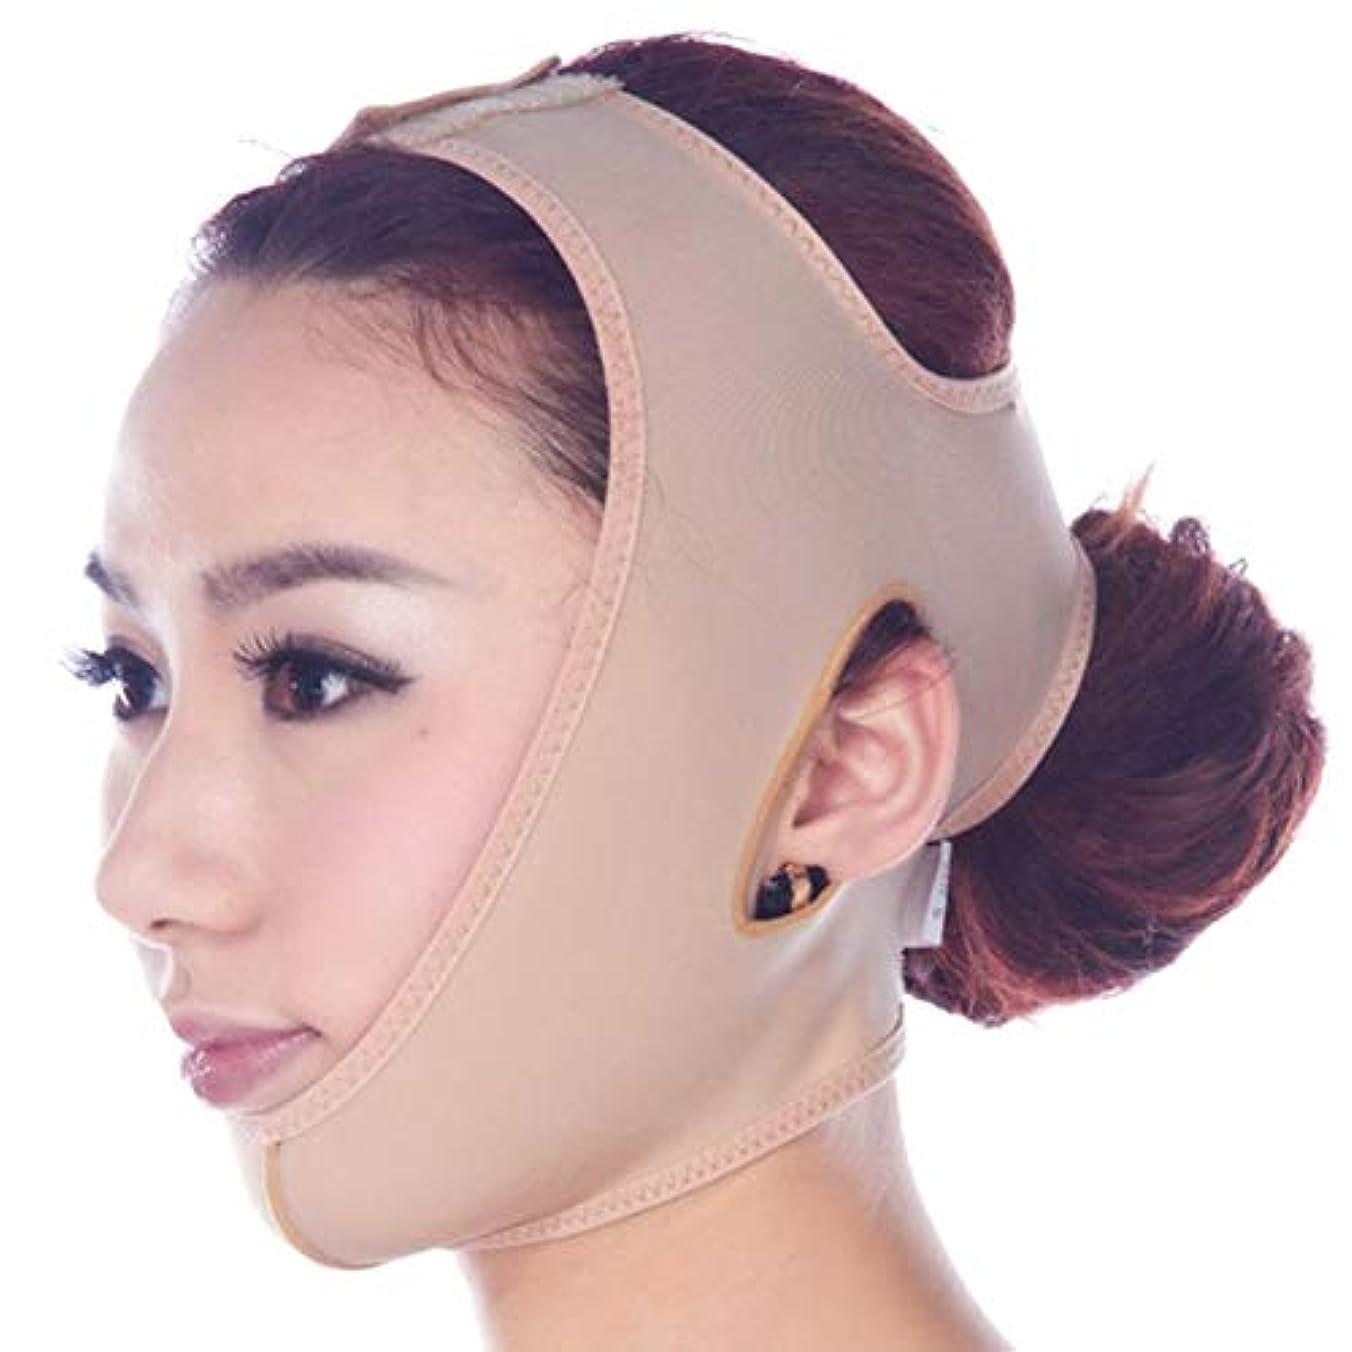 朝ごはん同封する分析フェイスリフトアップベルトマスク痩身包帯スキンケアシェイパーは、二重顎Thiningバンドを減らします,S